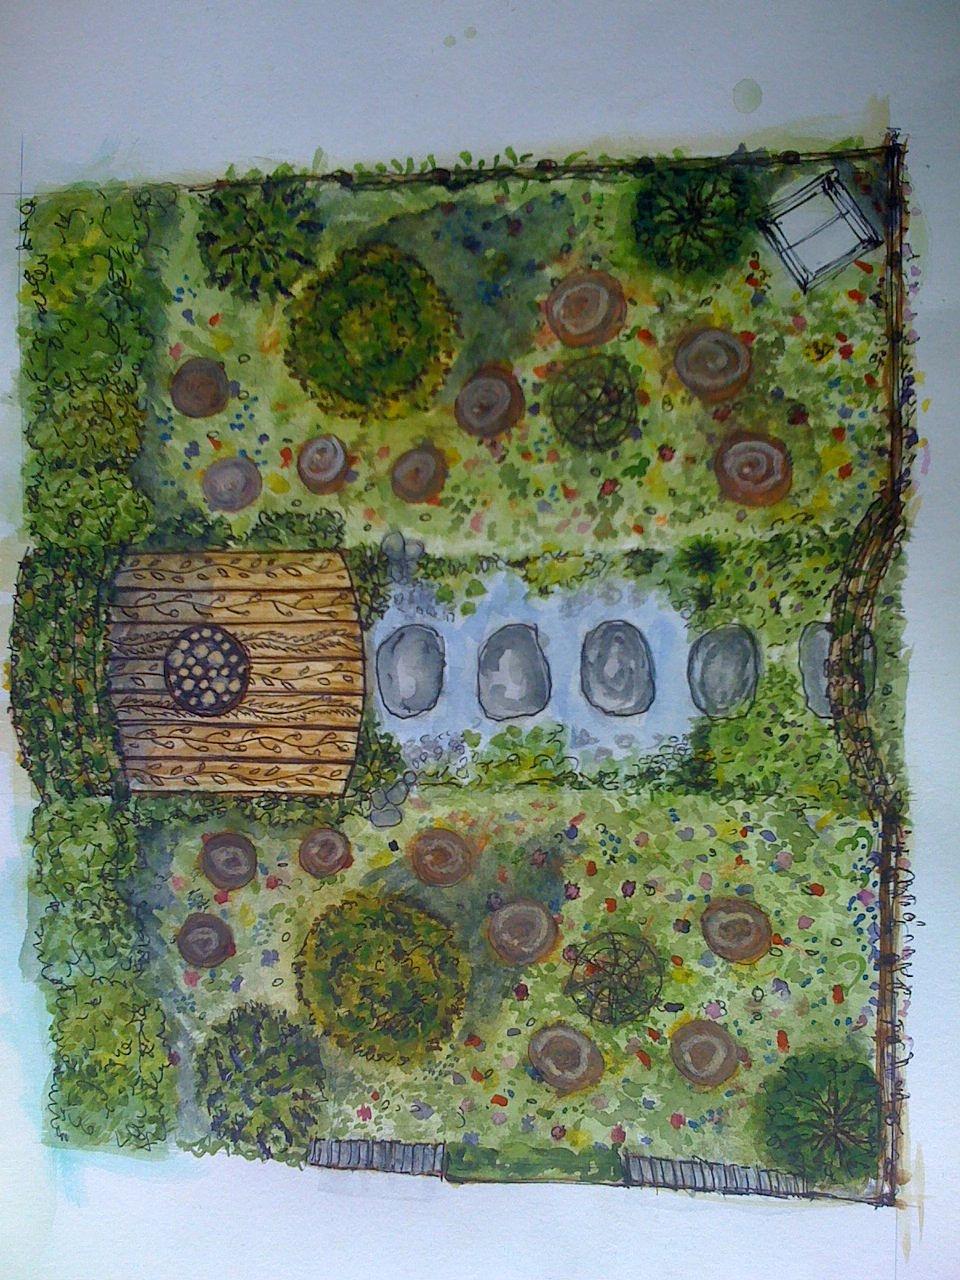 Juniper House Garden Design : Jeni cairns juniper house garden design peterborough the